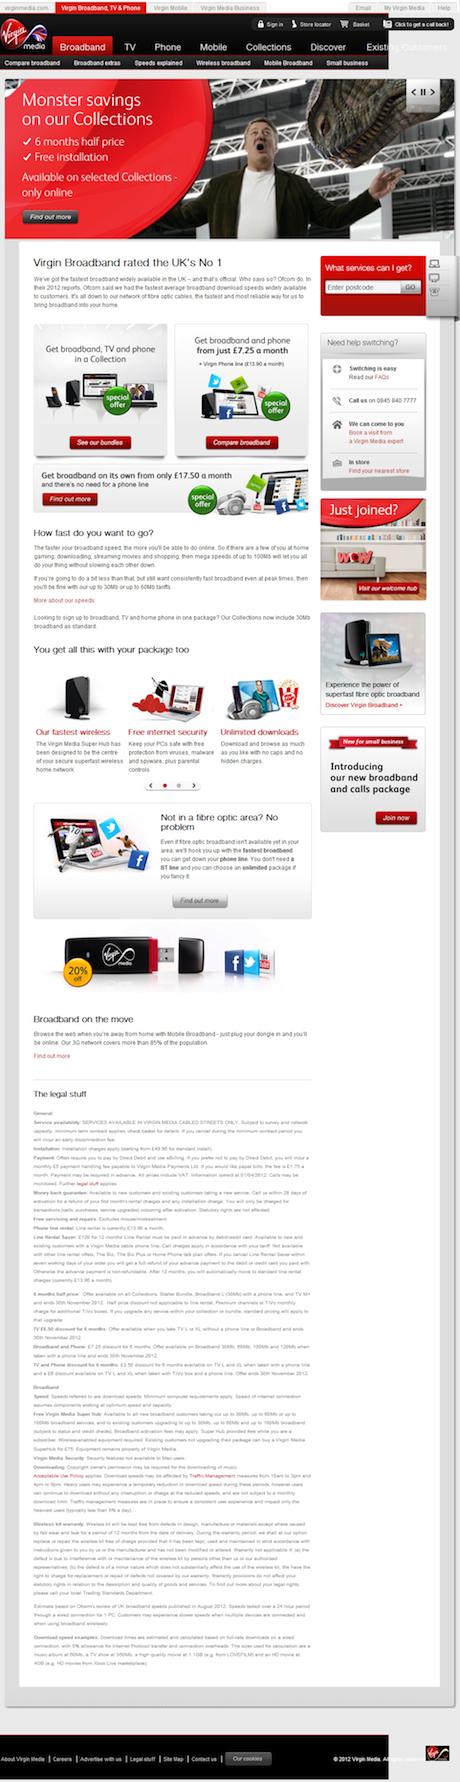 Virgin Media Unlimited